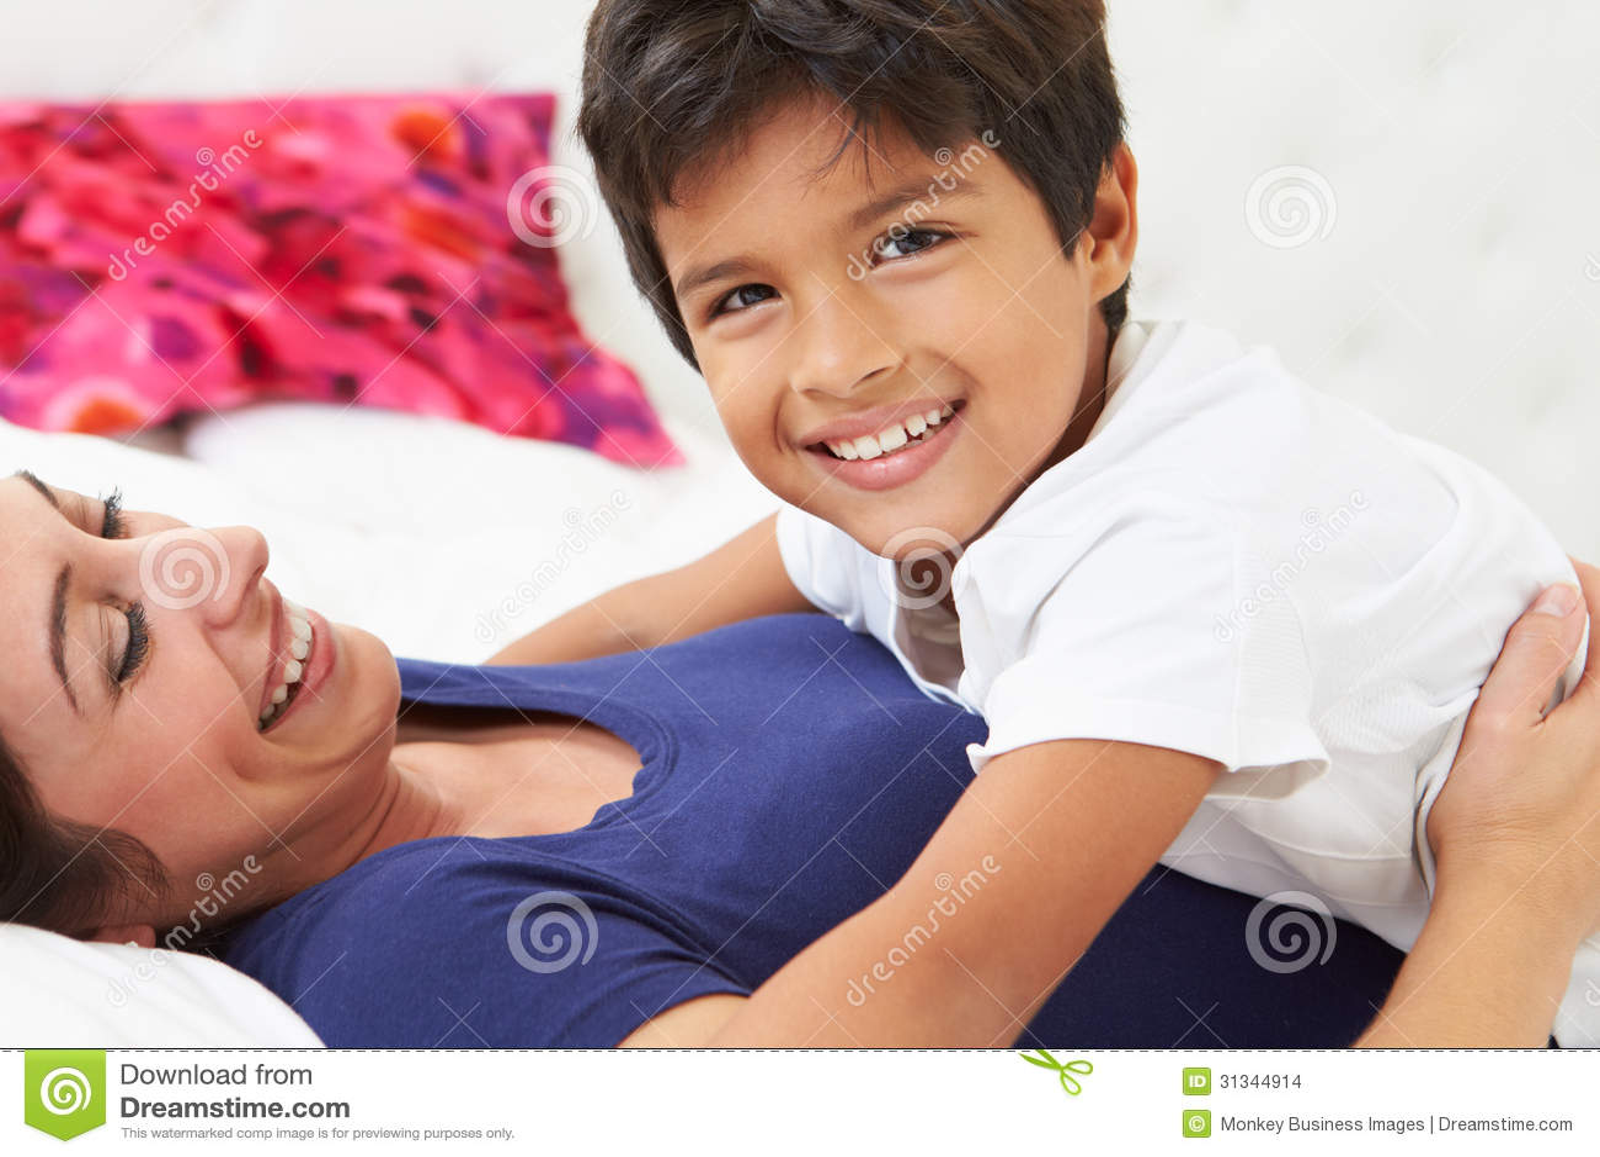 Секс с мамашей в комнате, Роскошно сын ебет мать и вливает ей сперму в нежный 25 фотография